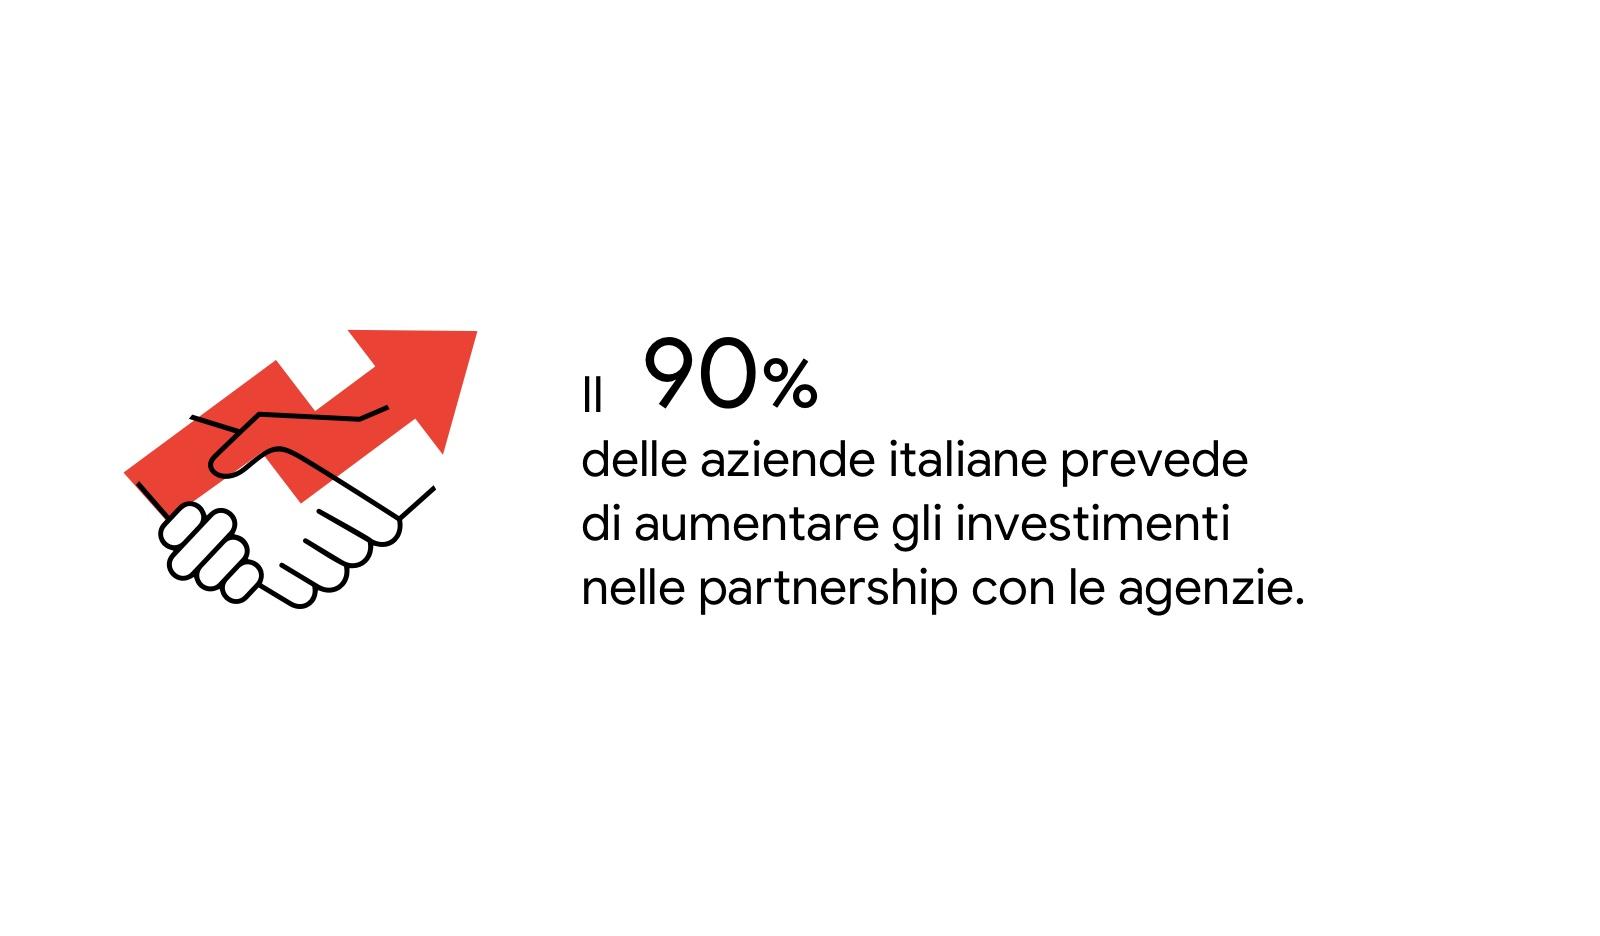 Il rapporto di partnership tra agenzie e aziende italiane